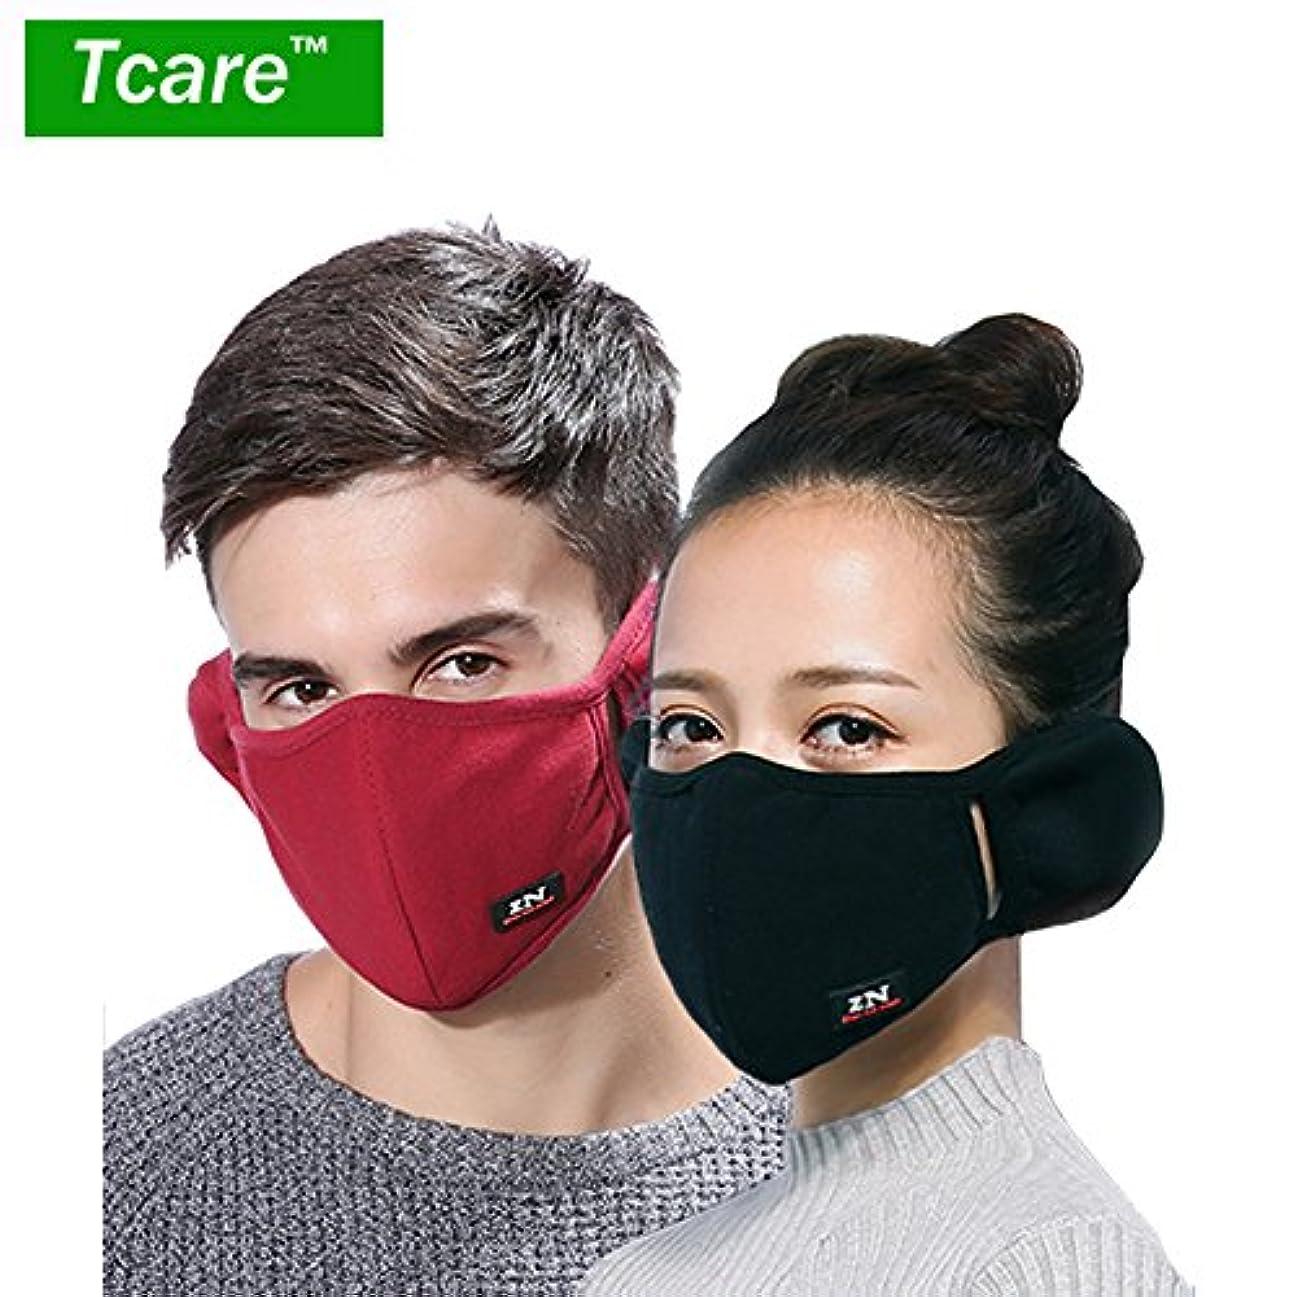 レイアウト比類なきビヨン男性女性の少年少女のためのTcare呼吸器2レイヤピュアコットン保護フィルター挿入口:9グレー